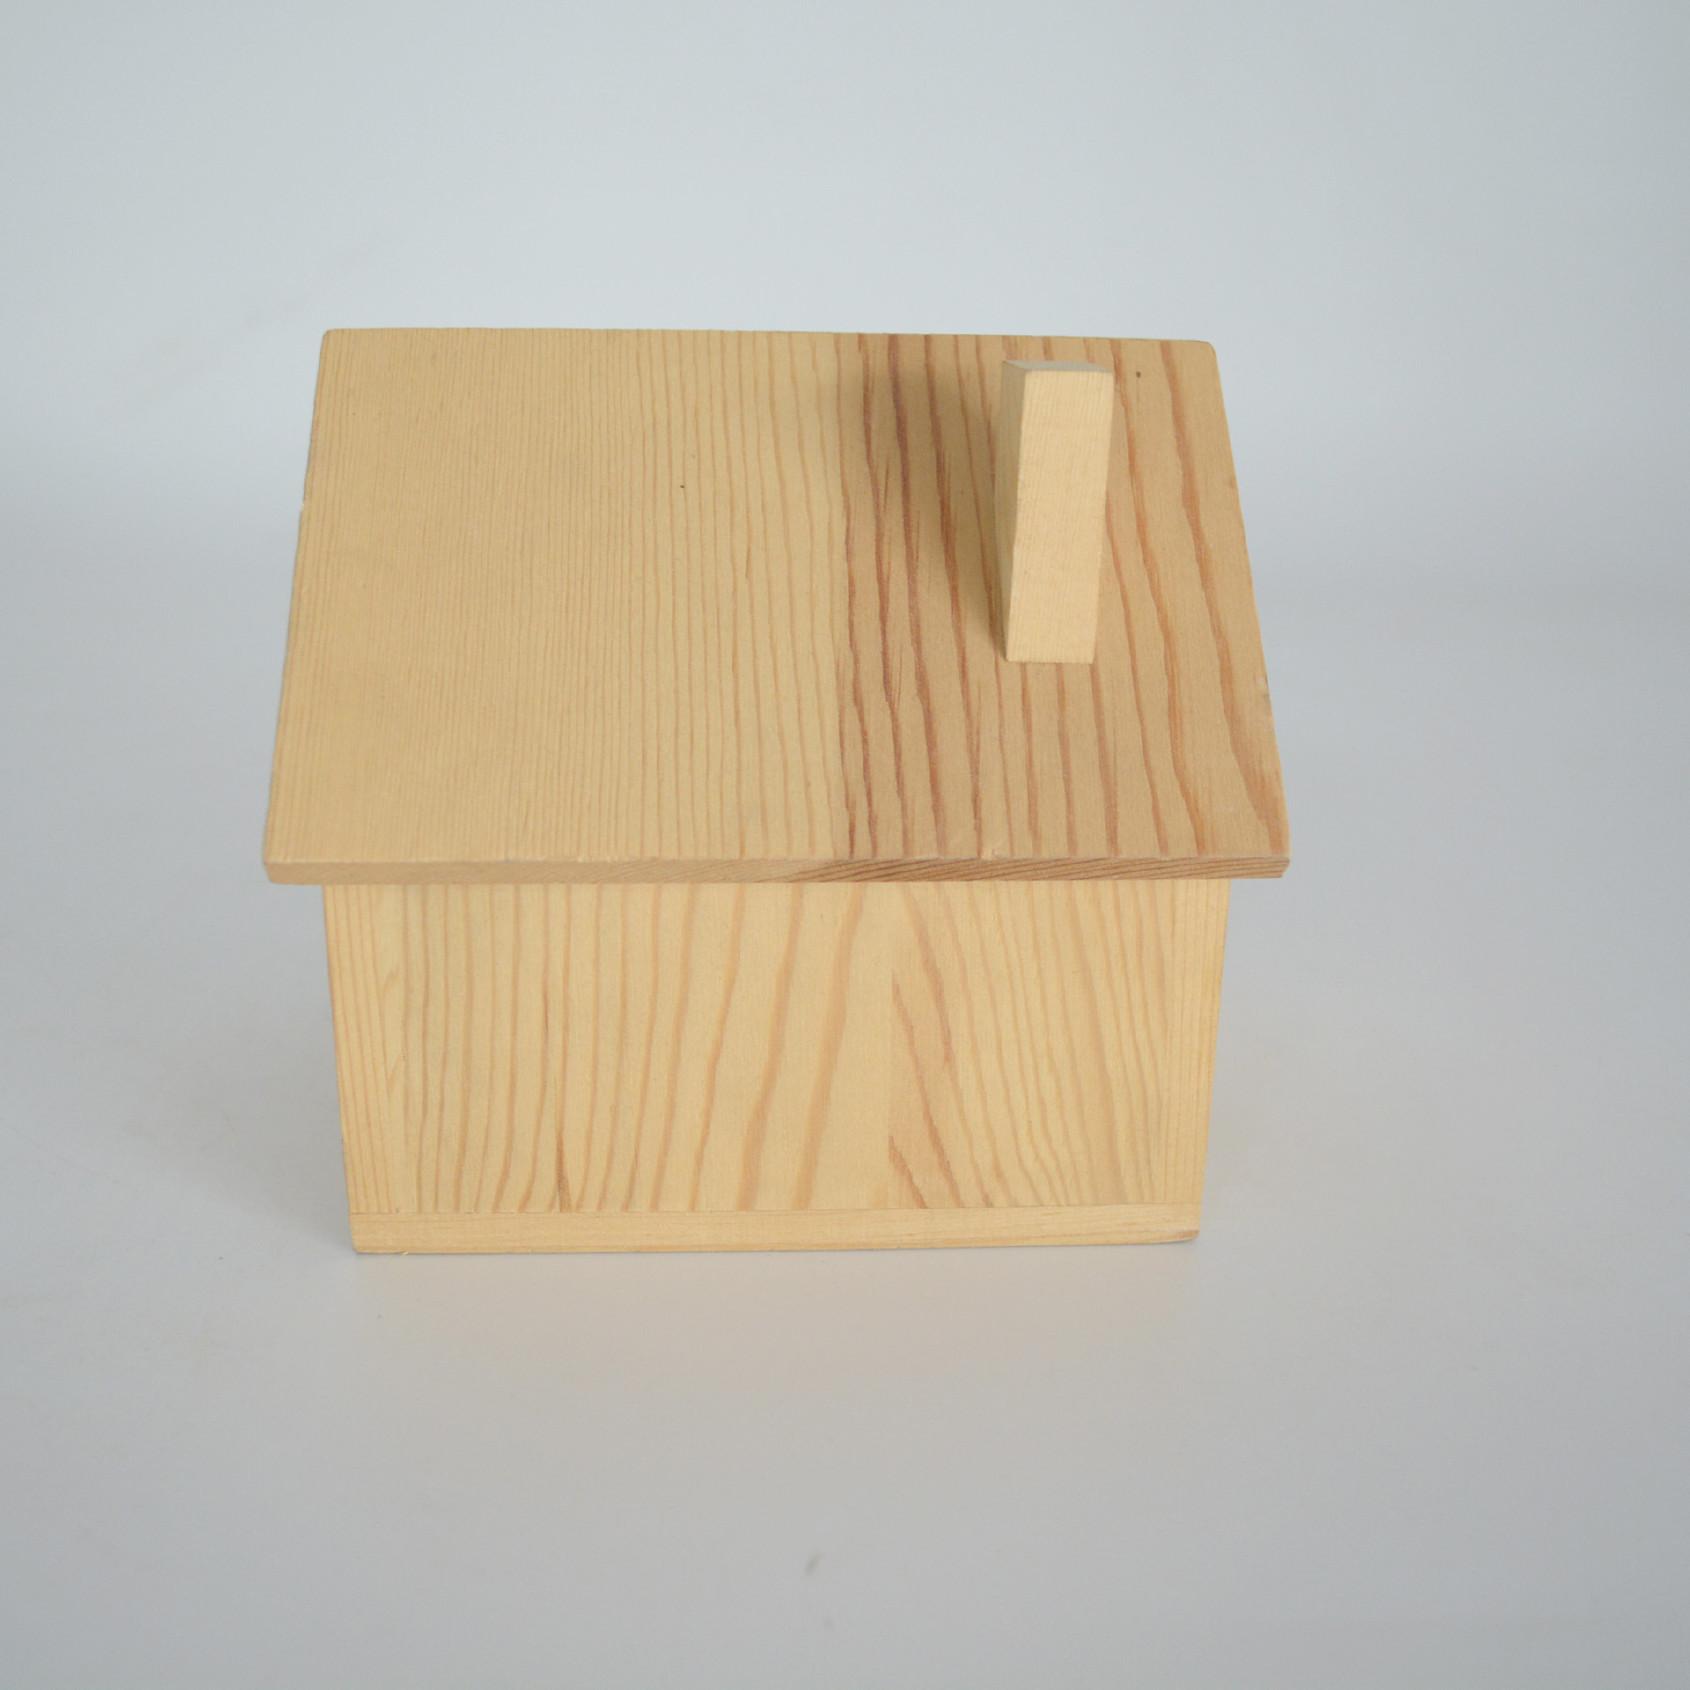 创意大容量小房子存钱罐 木质储蓄罐 摆件模型生日礼品